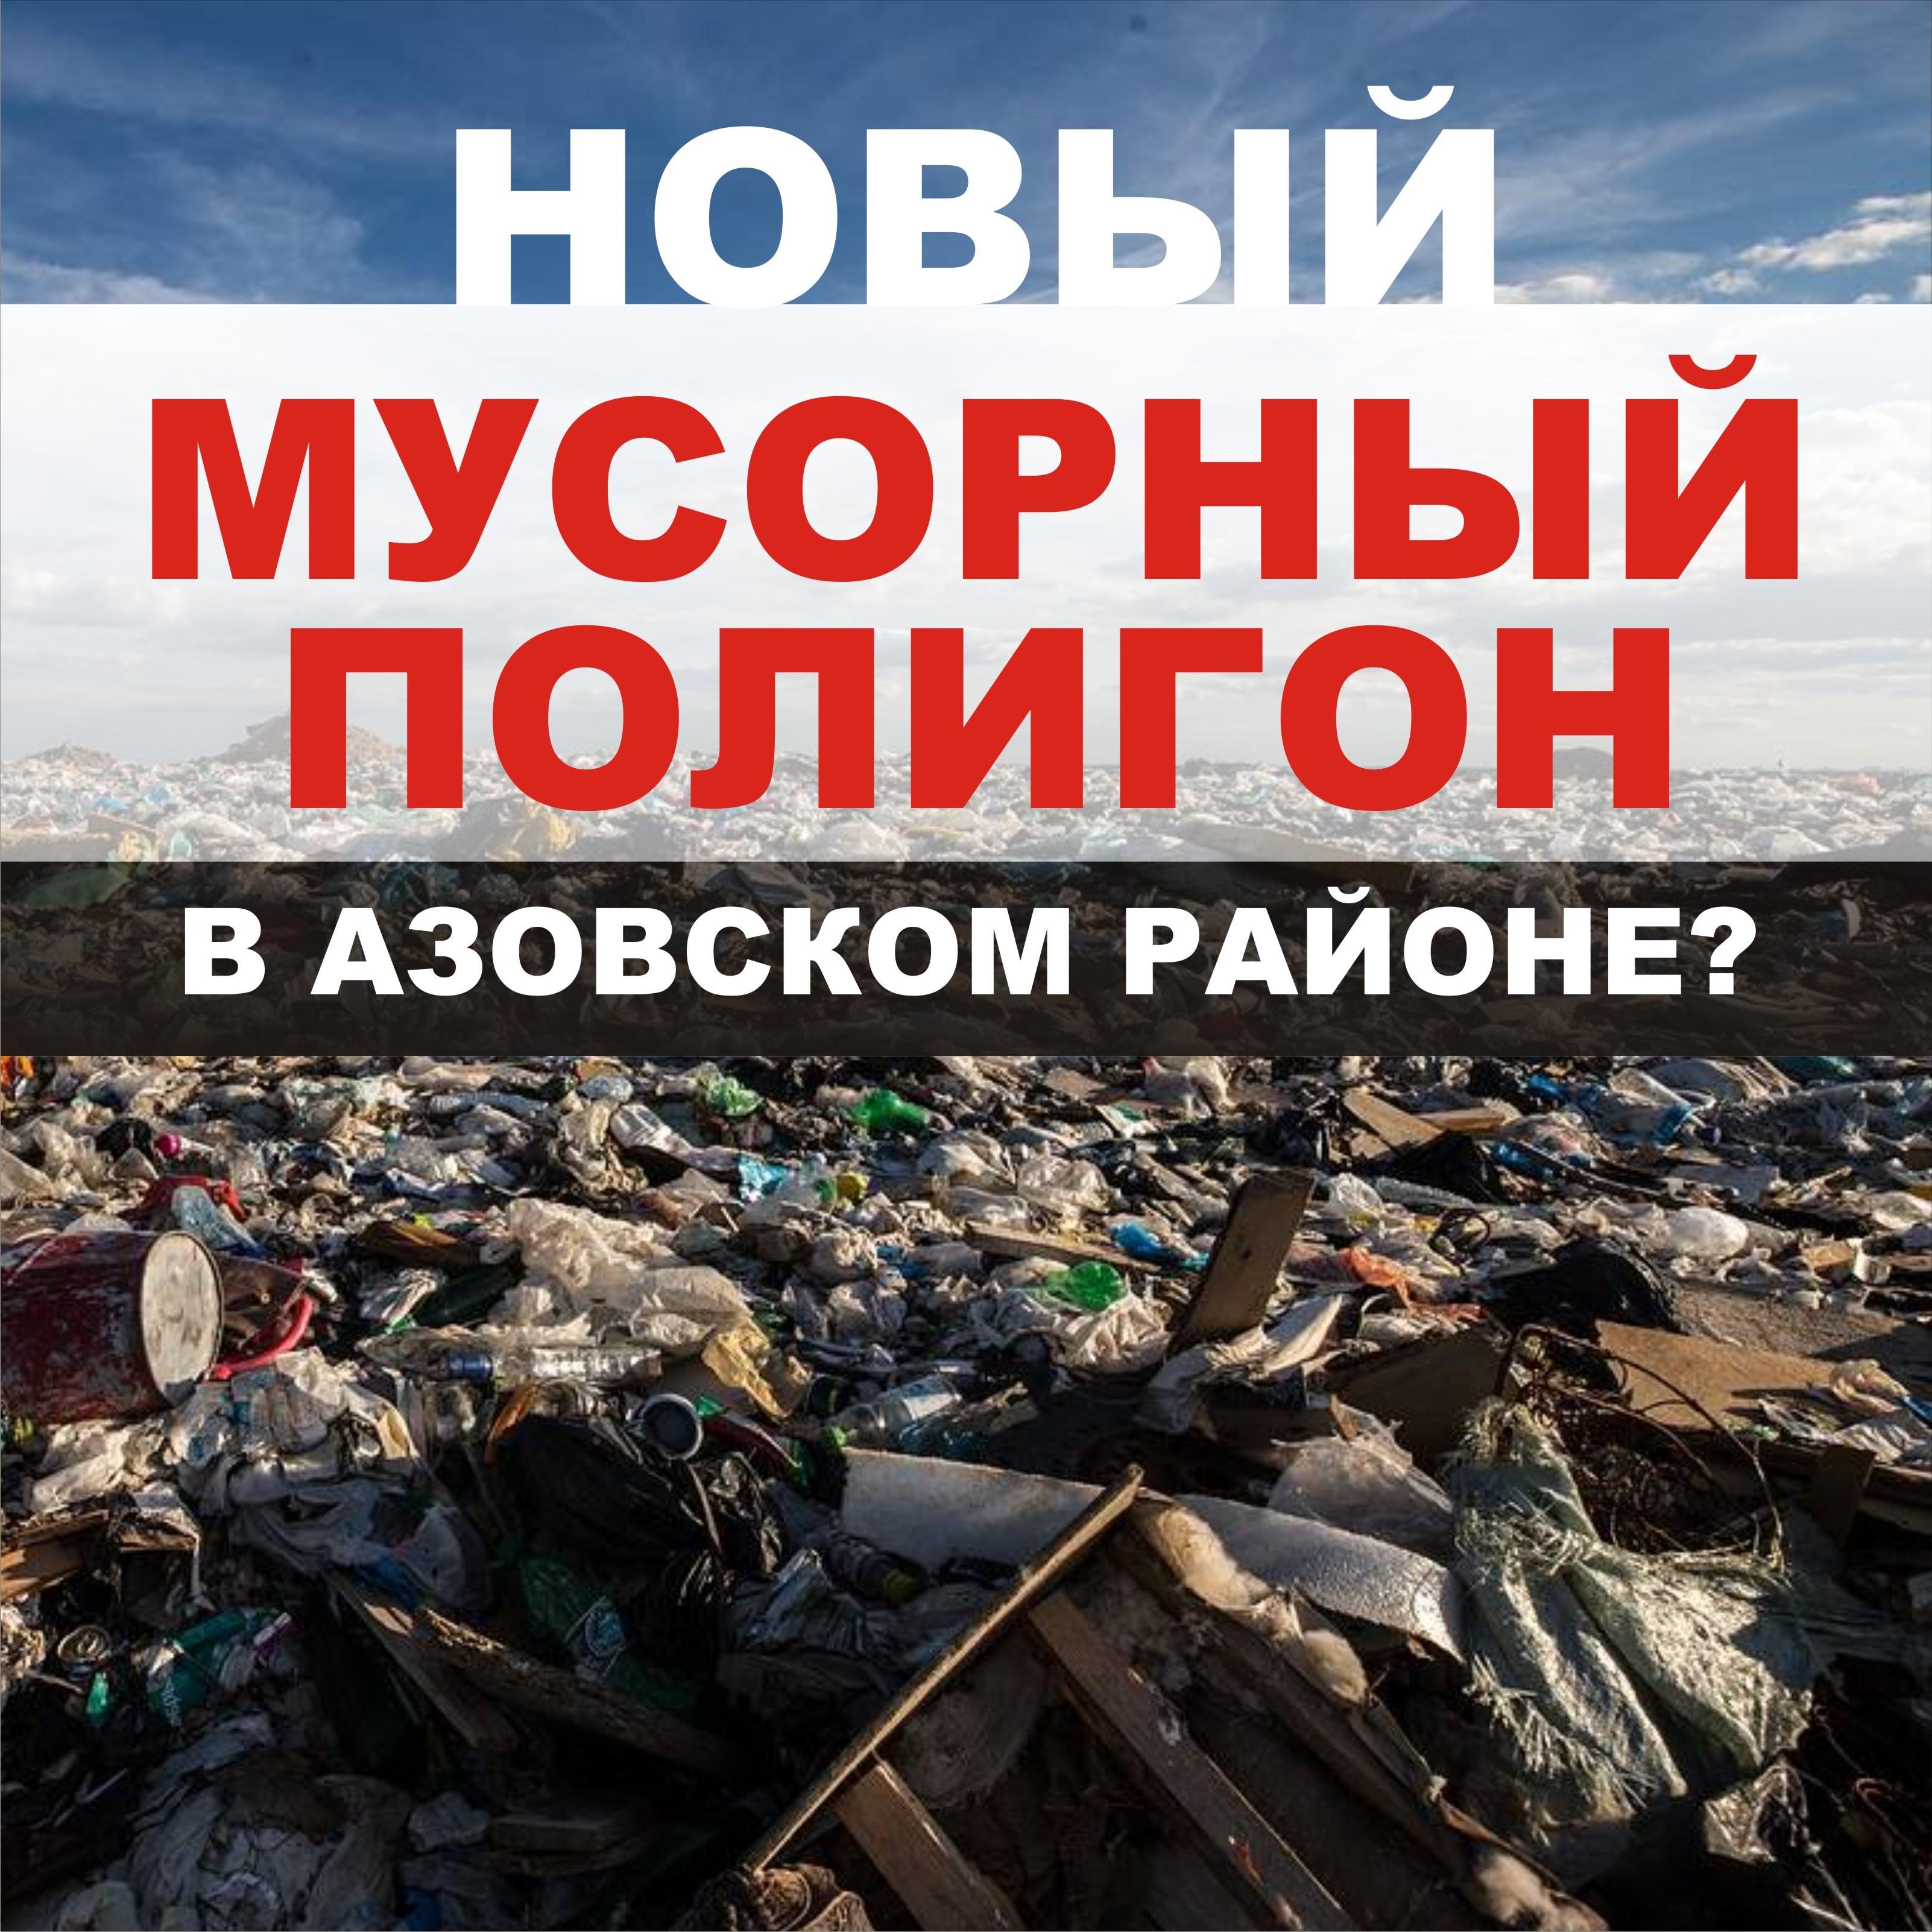 Завтра в Азовском районе пройдет серия публичных слушаний, в том числе по вопросу одобрения участка для НОВОГО